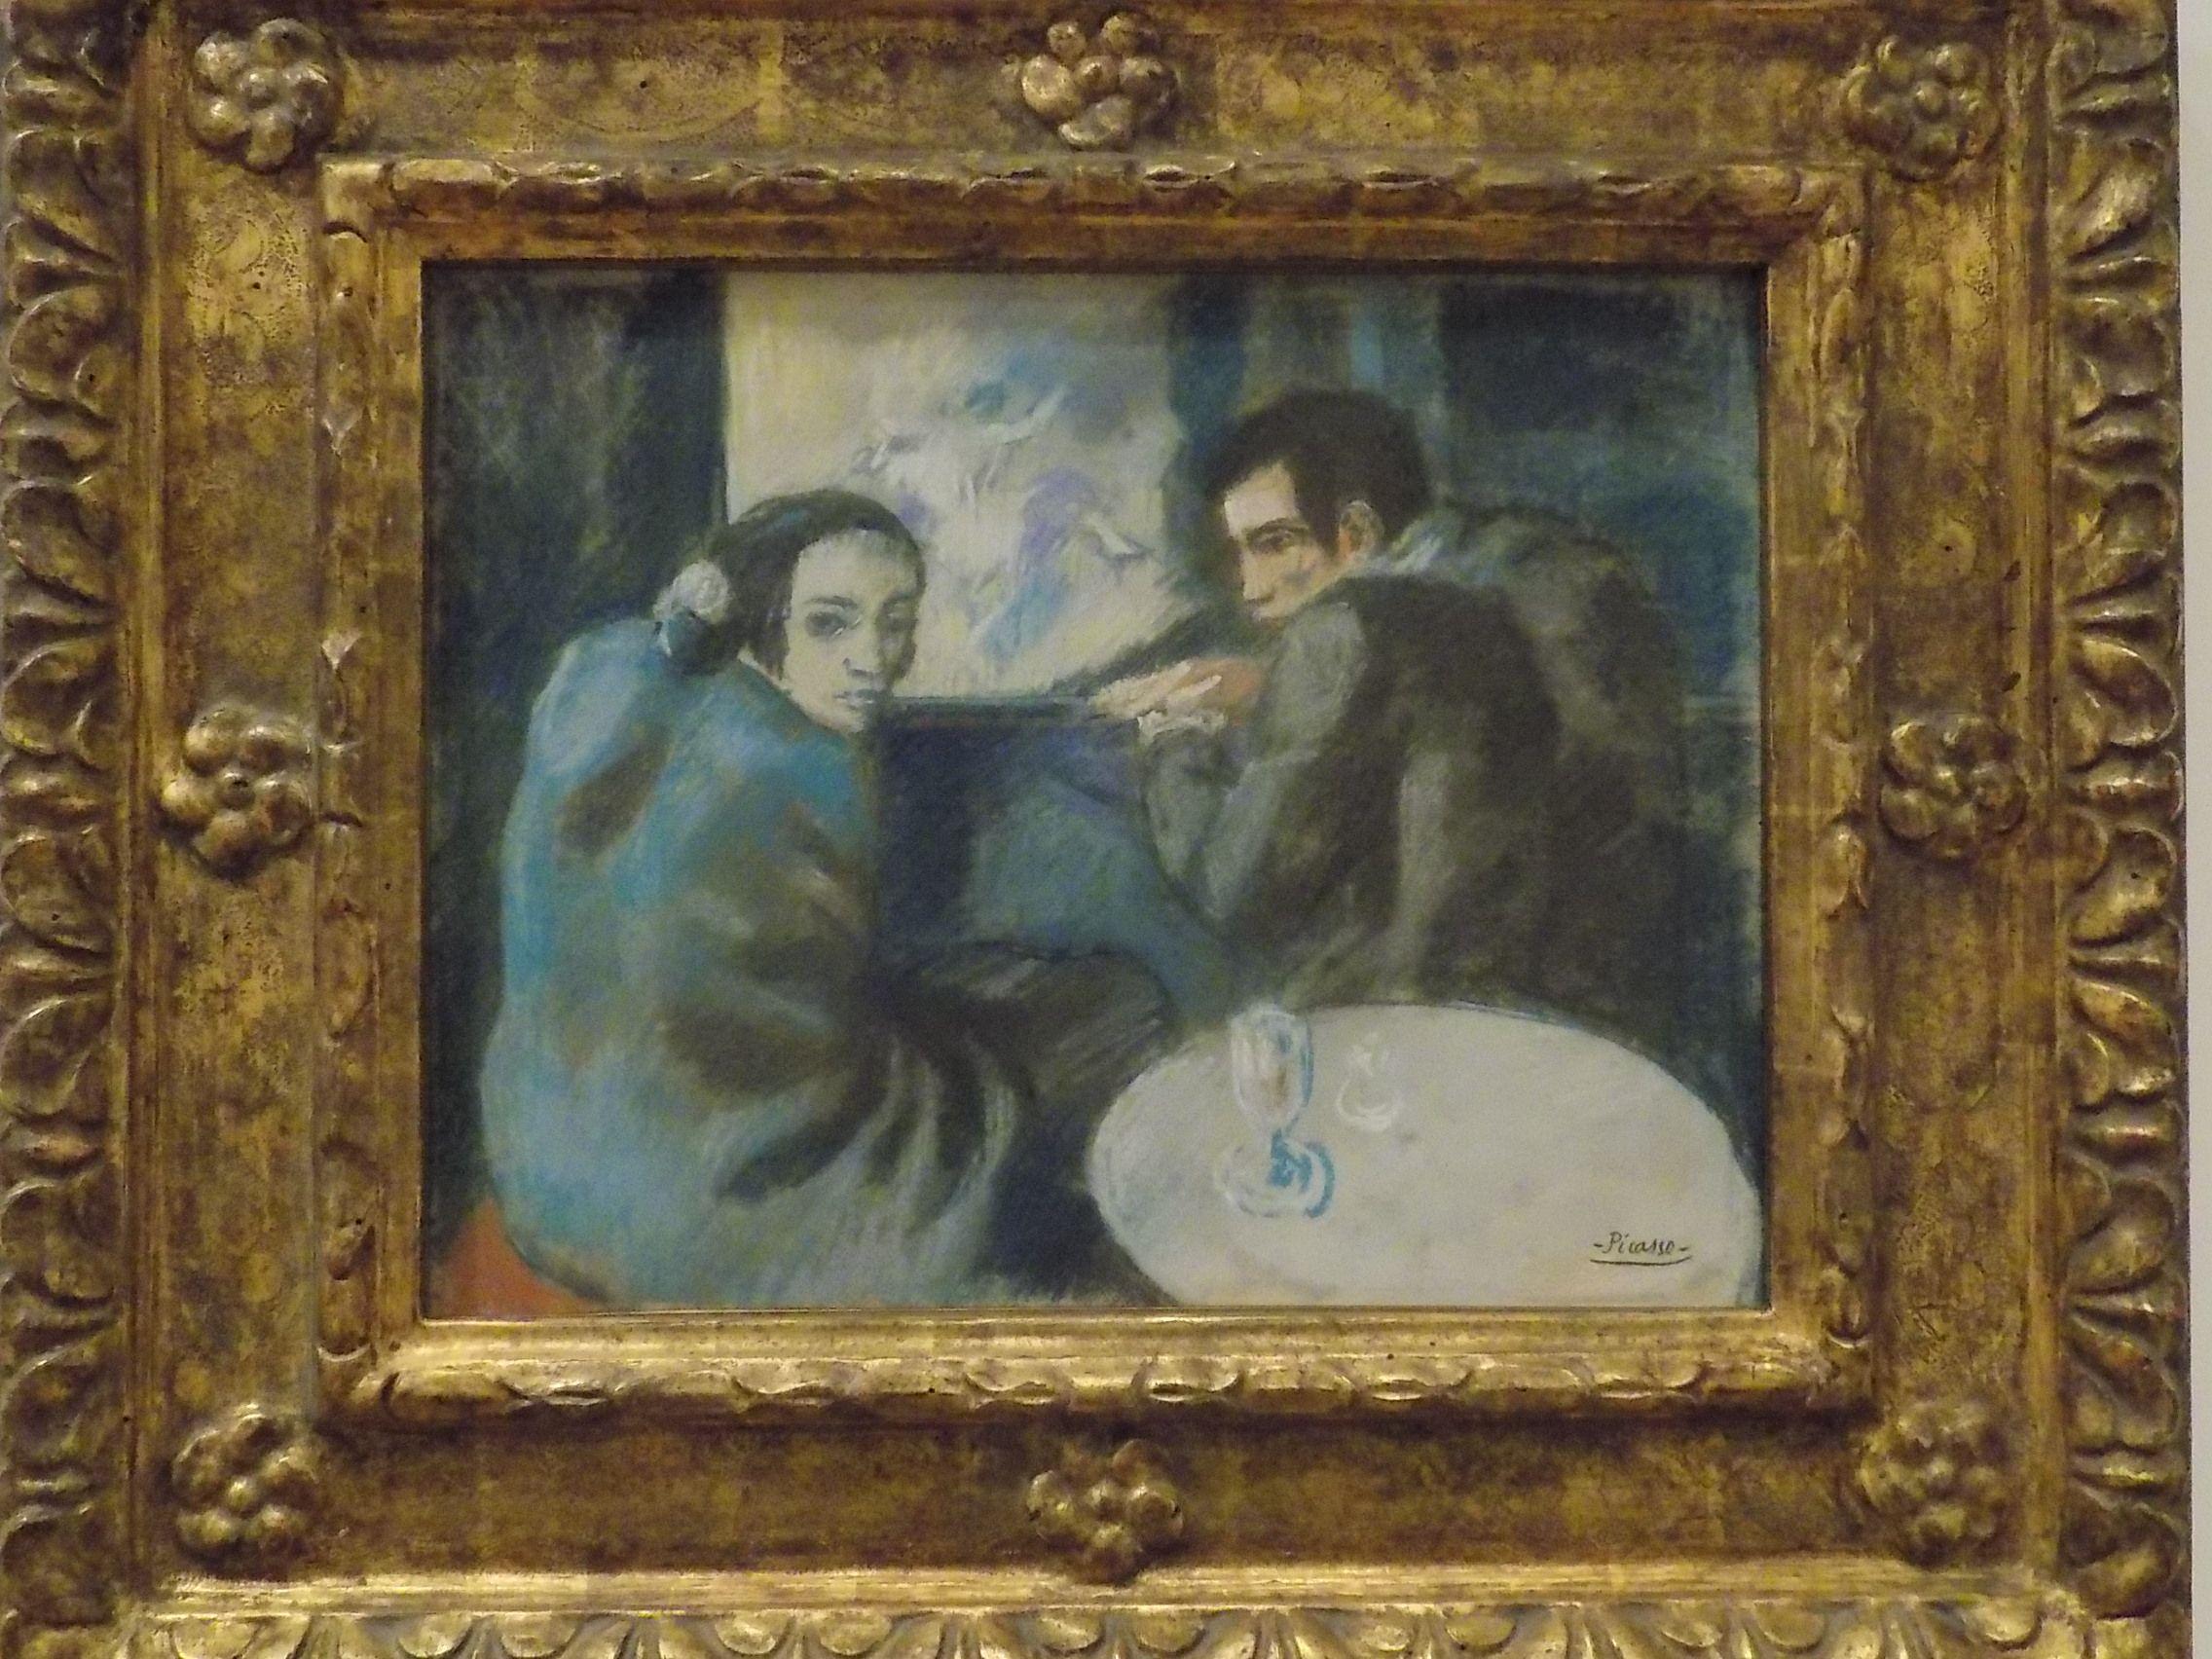 Picasso: No Café